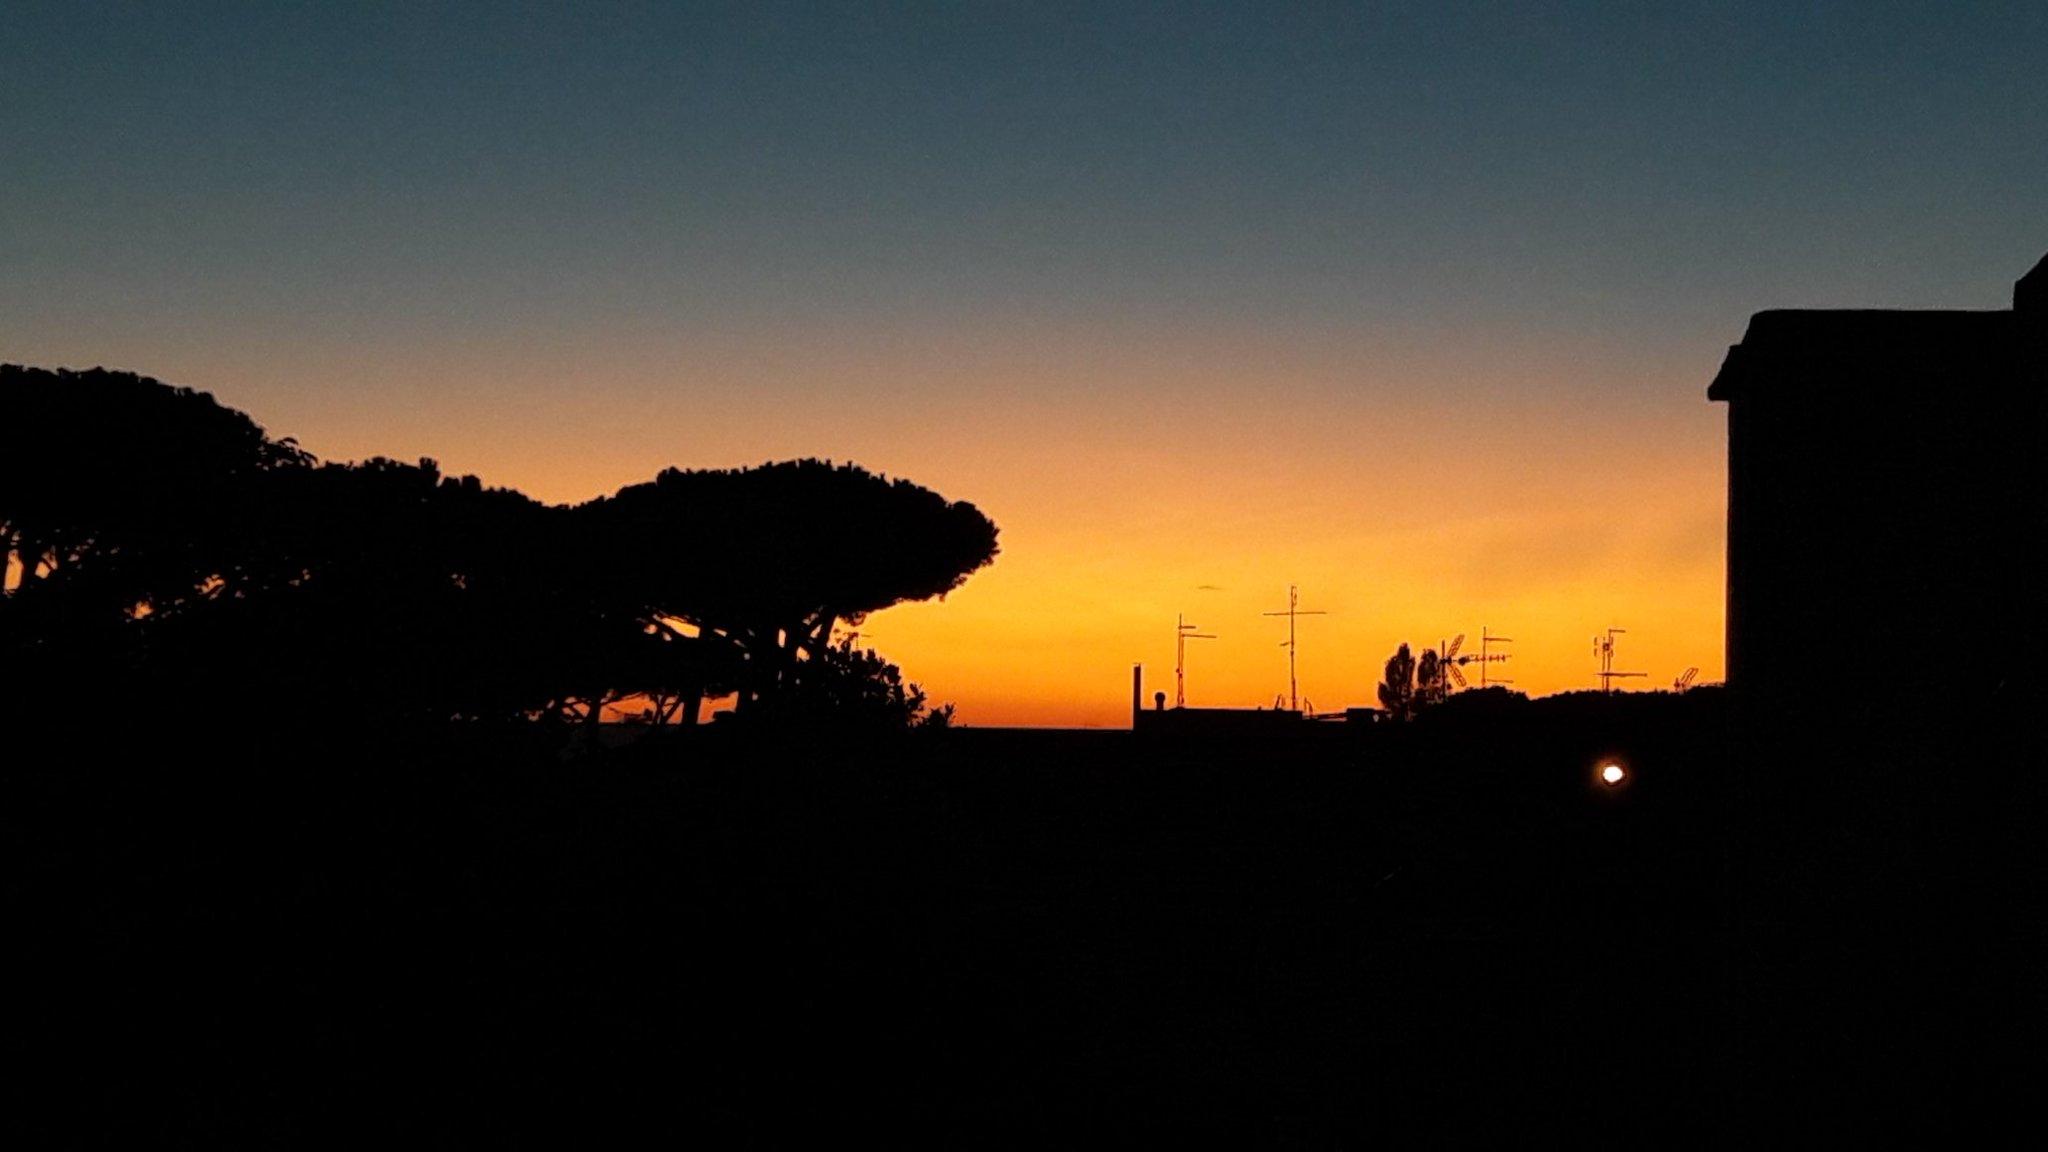 Rosso di sera...speriamo che domani non sia troppo caldo... buona serata @granfondoroma https://t.co/gE4JukJFcX